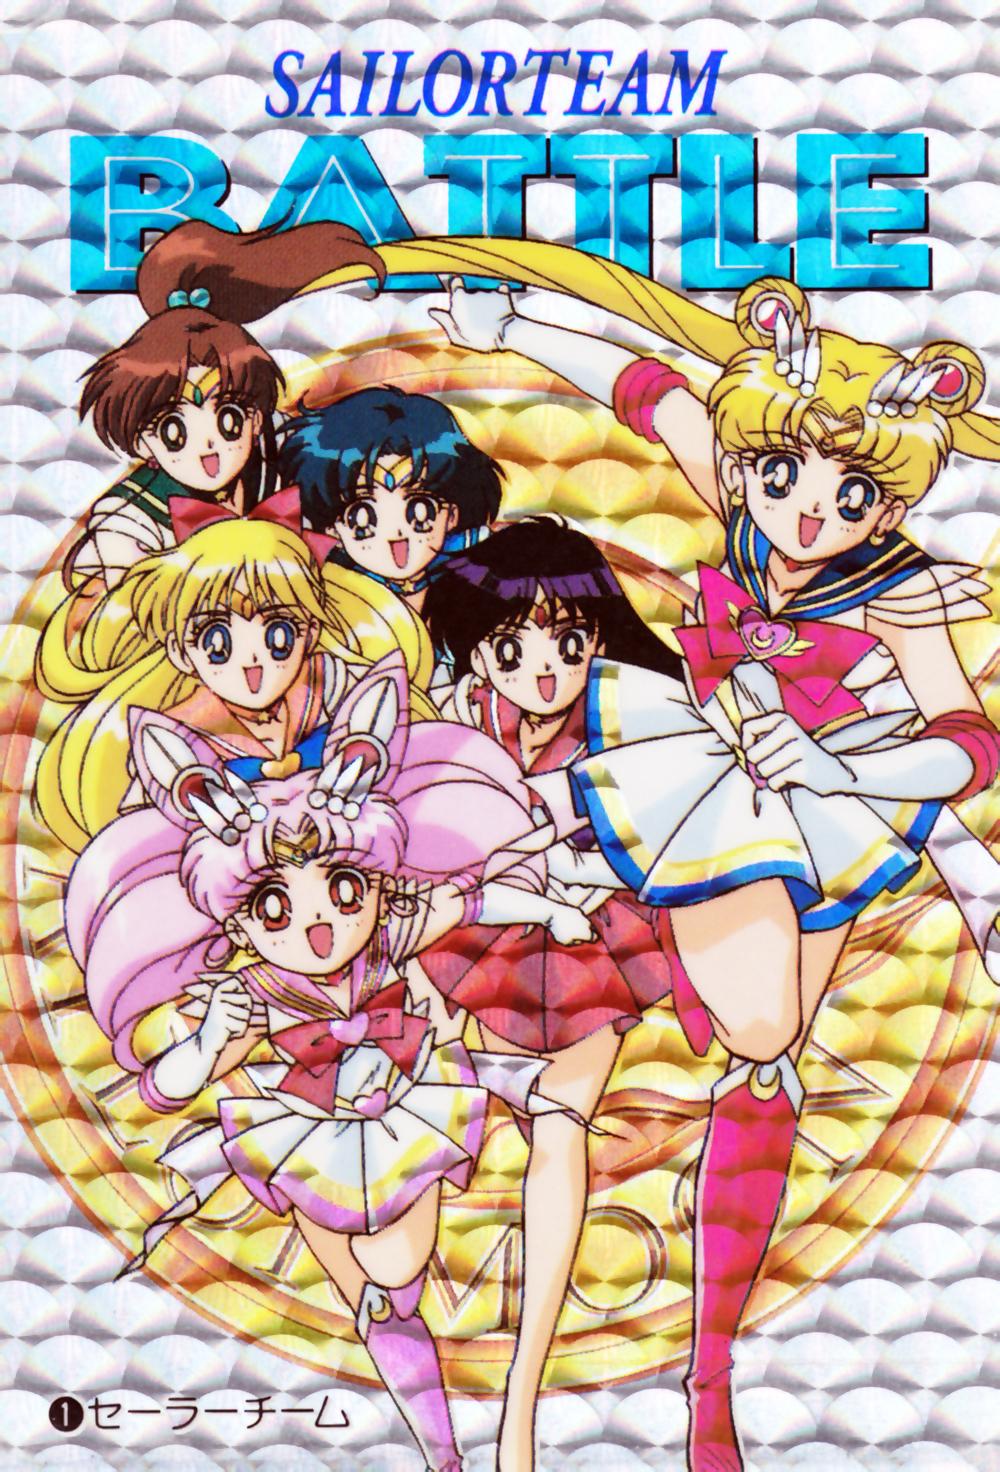 Sailor_moon_ss_battle_01